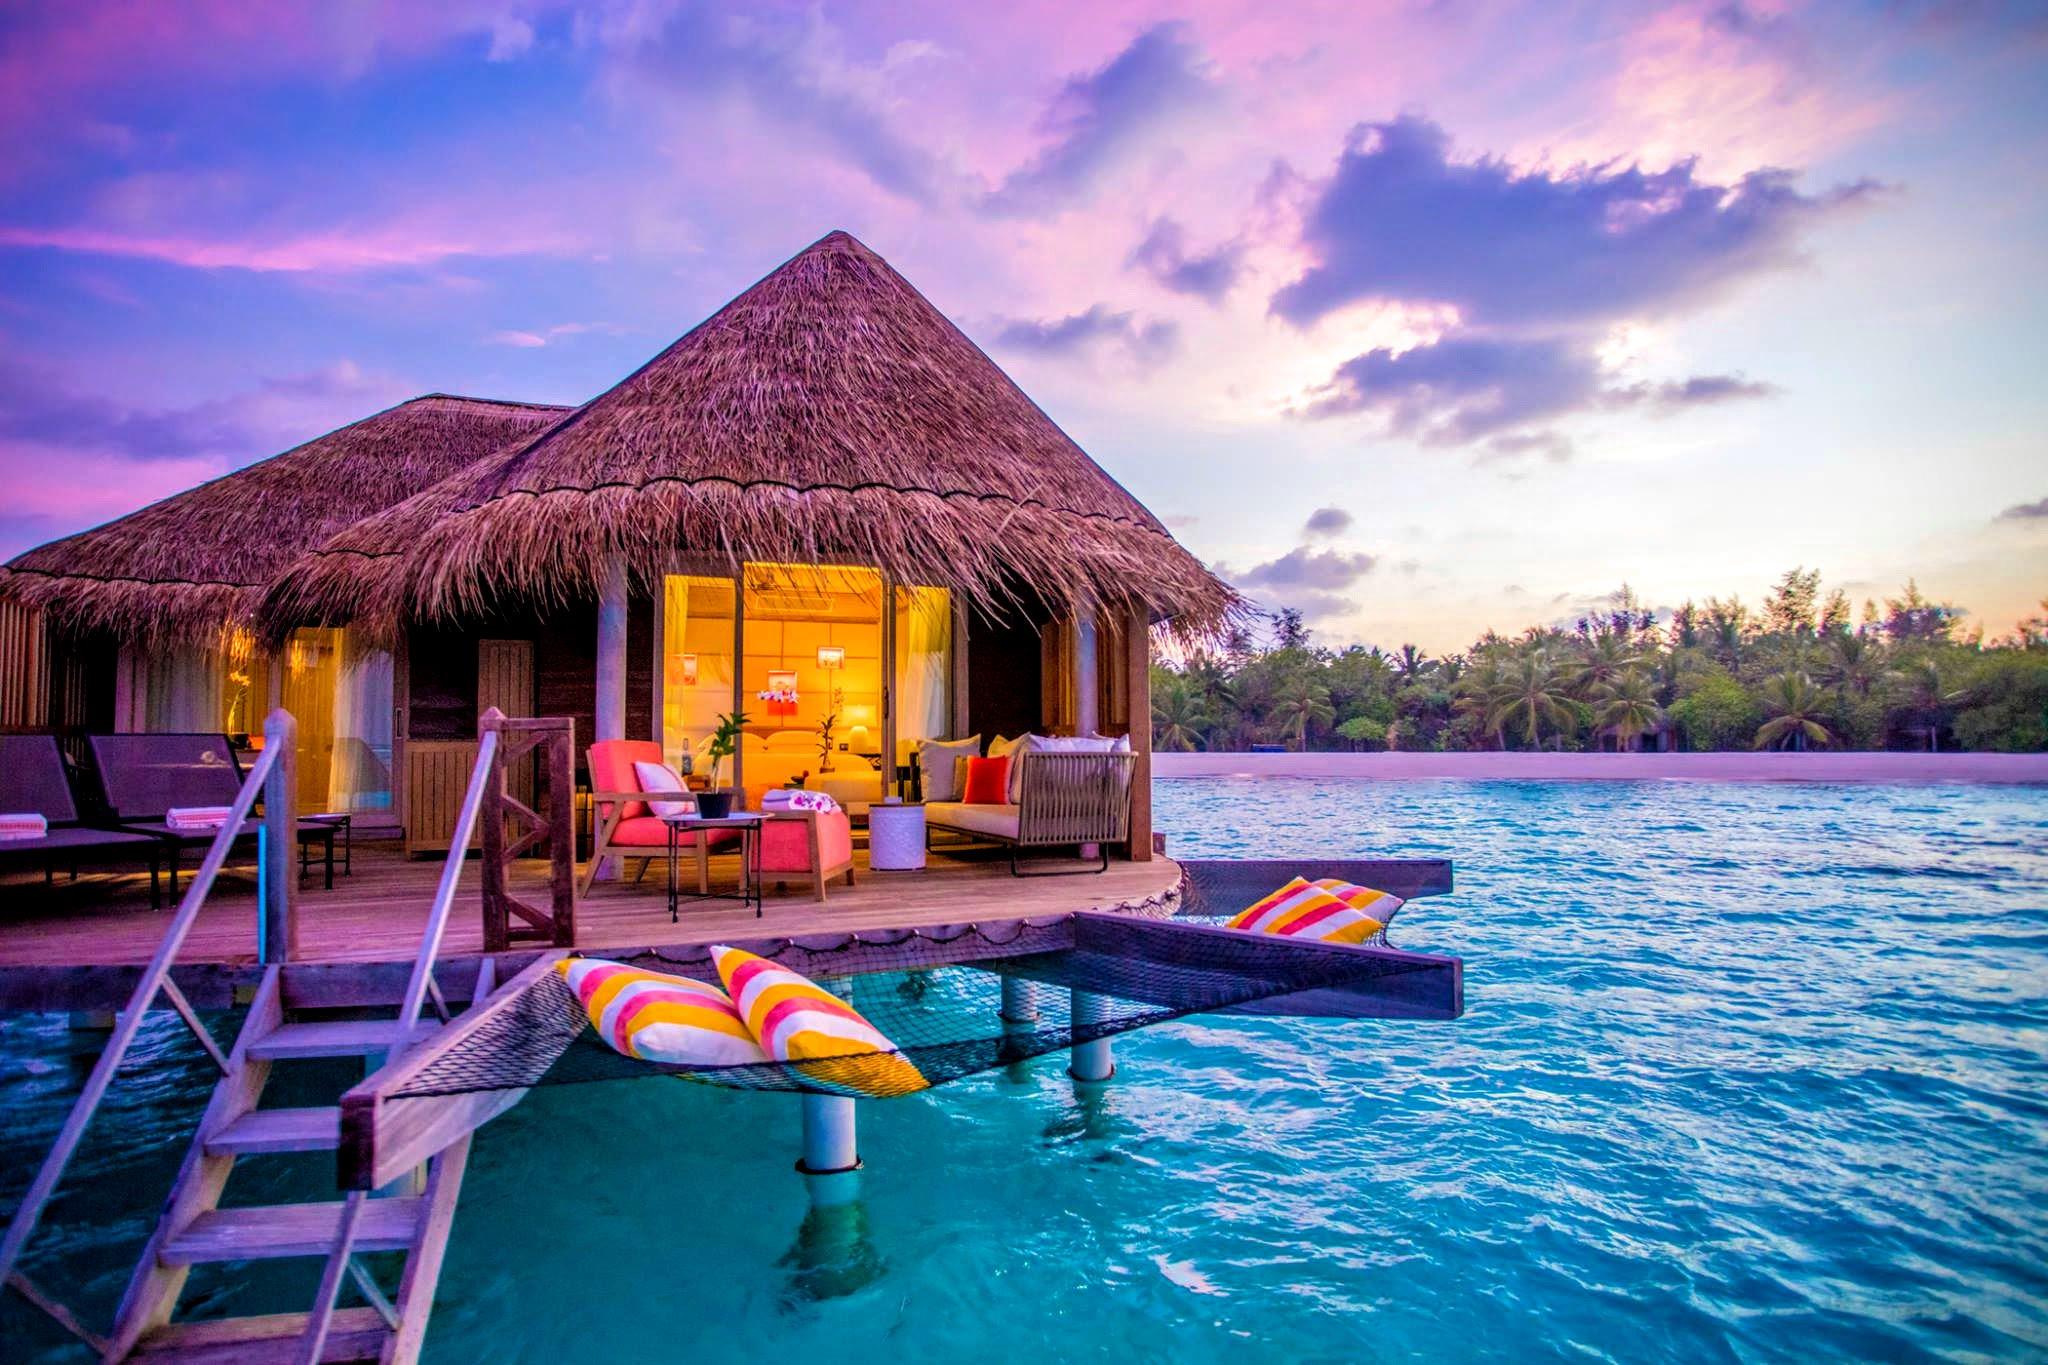 هذا ما يجب أن تعرفه عن طقس المالديف قبل زيارتها!